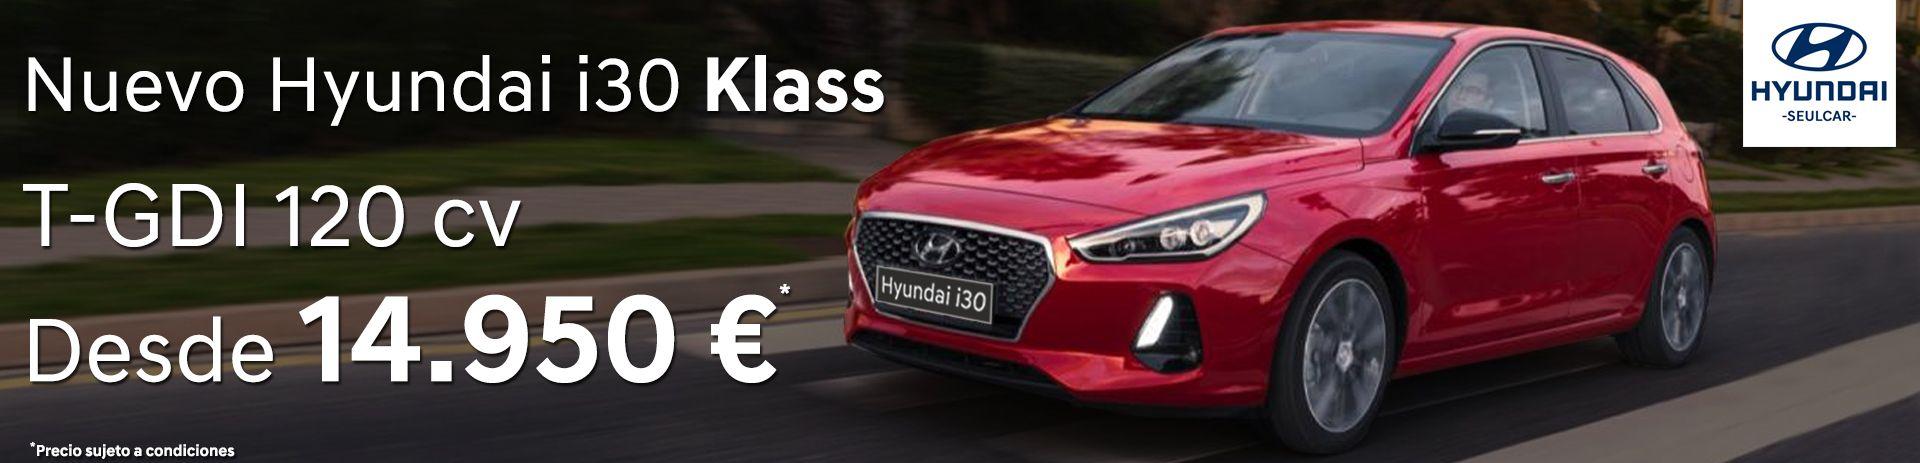 Llévate un Hyundai i30 Nuevo T-GDI de 120 cv